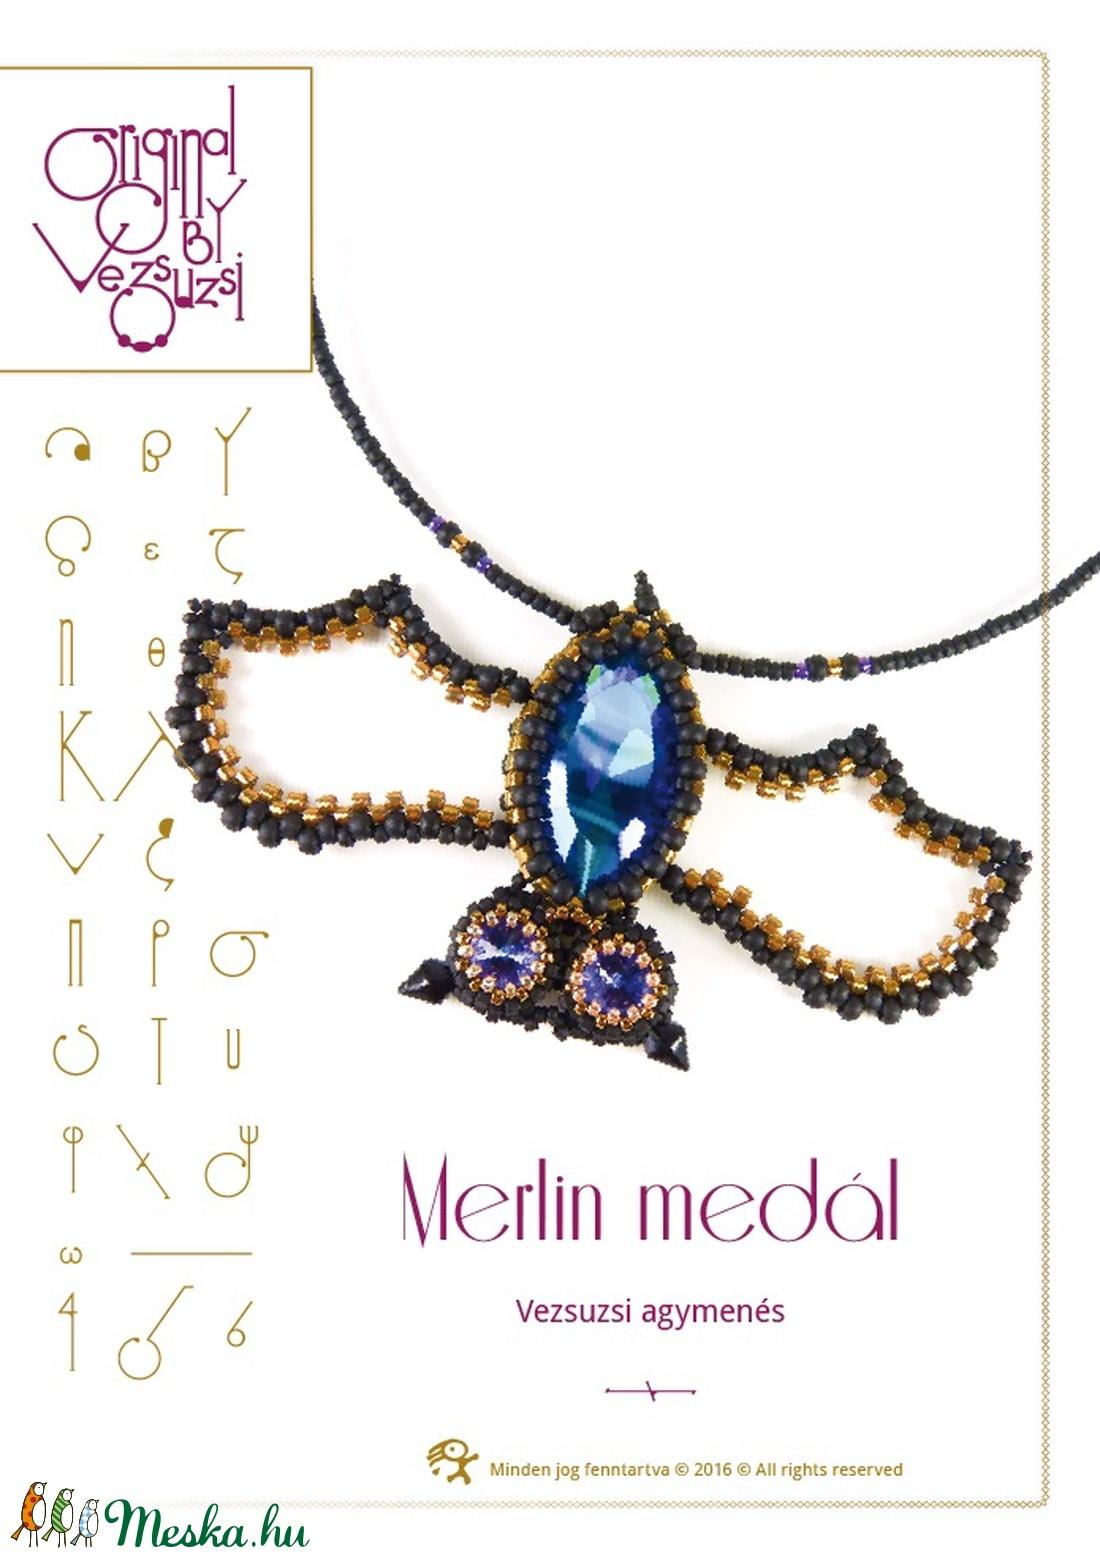 Merlin a denevér minta egyéni felhasználásra (vezsuzsiminta) - Meska.hu